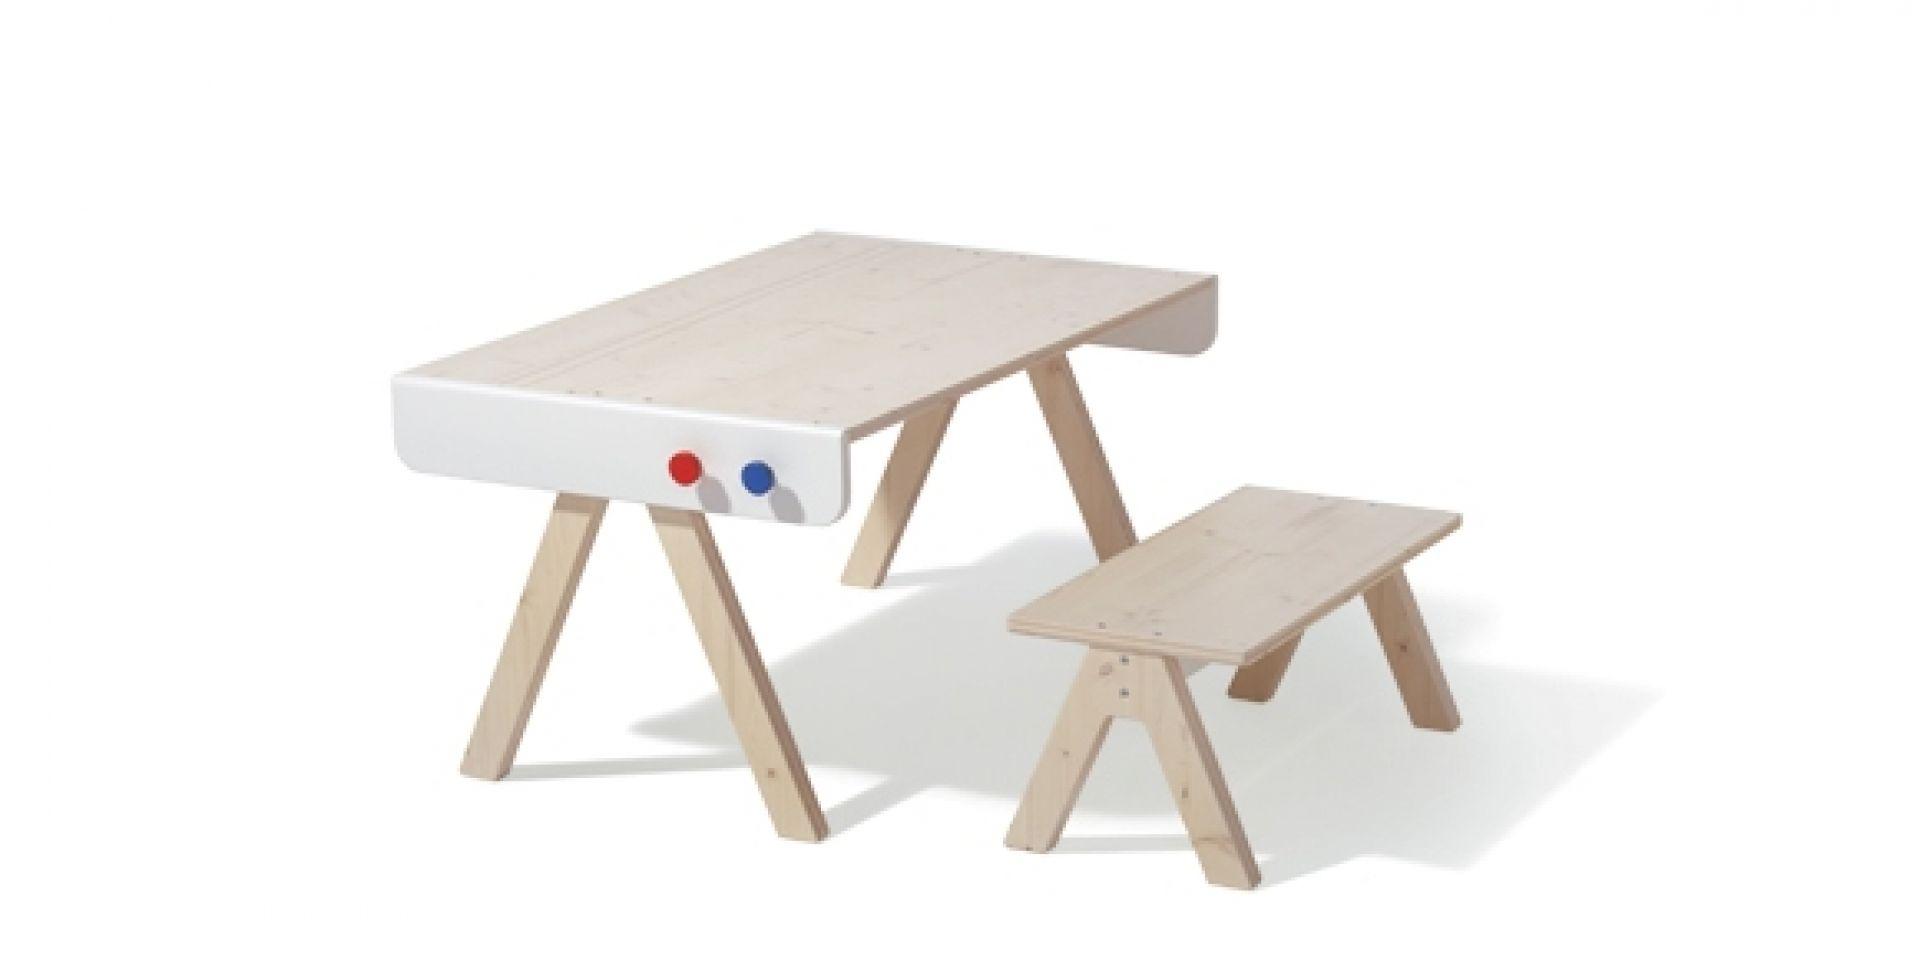 Famille Garage Table Richard Lampert